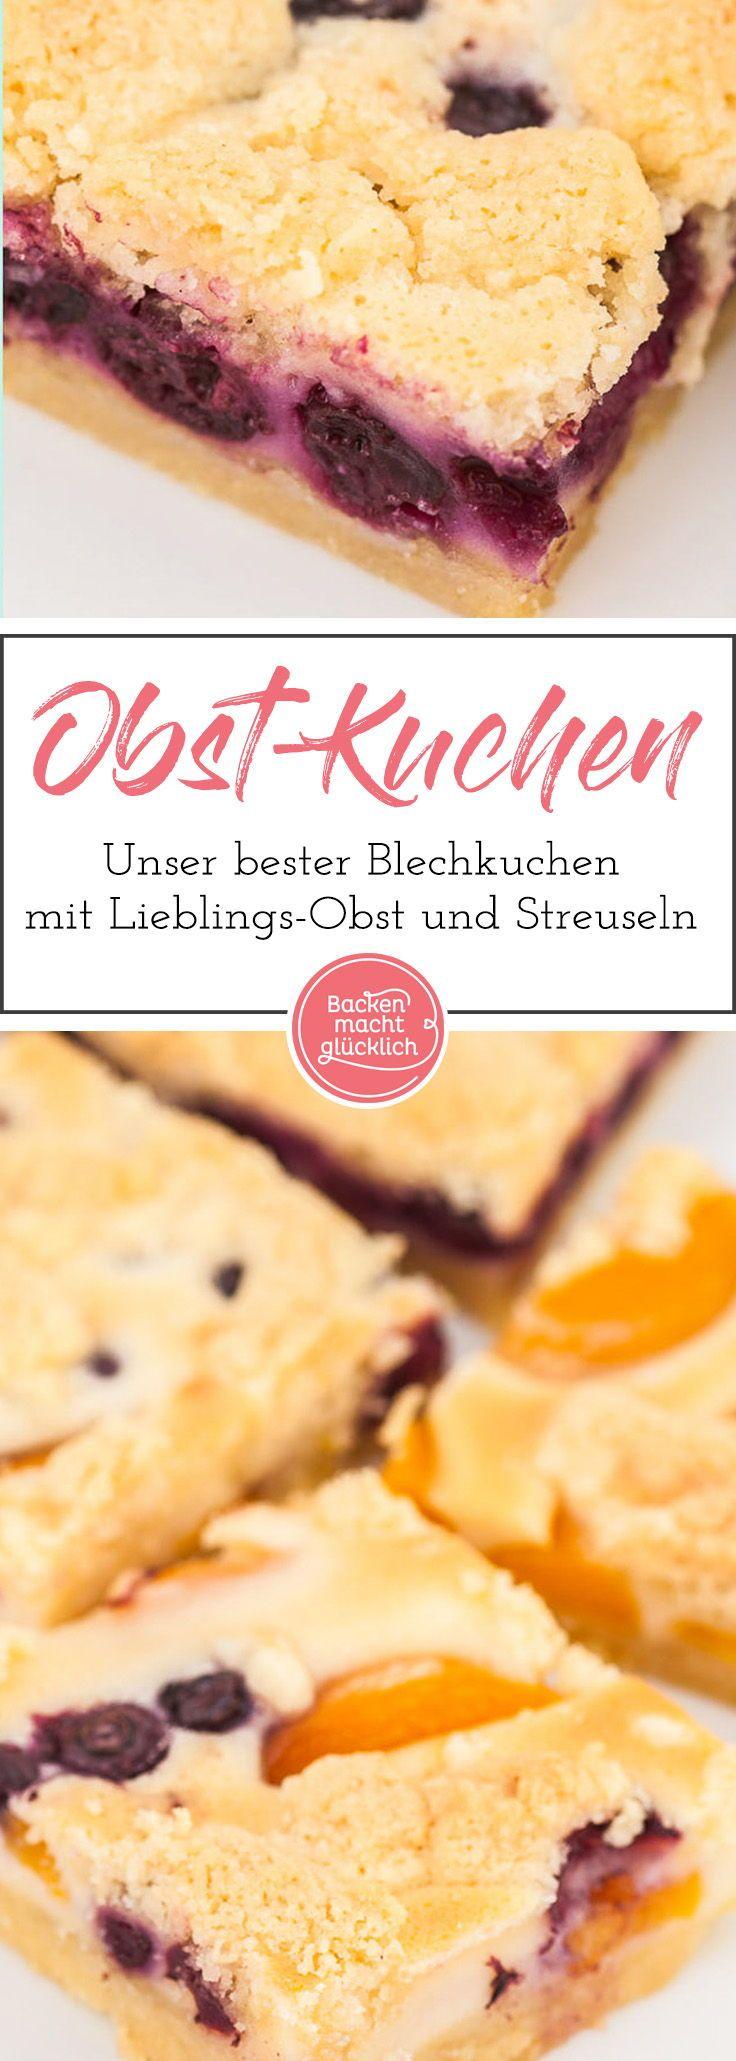 Saftiger Obstkuchen mit Streuseln | Recipe | Backen ...